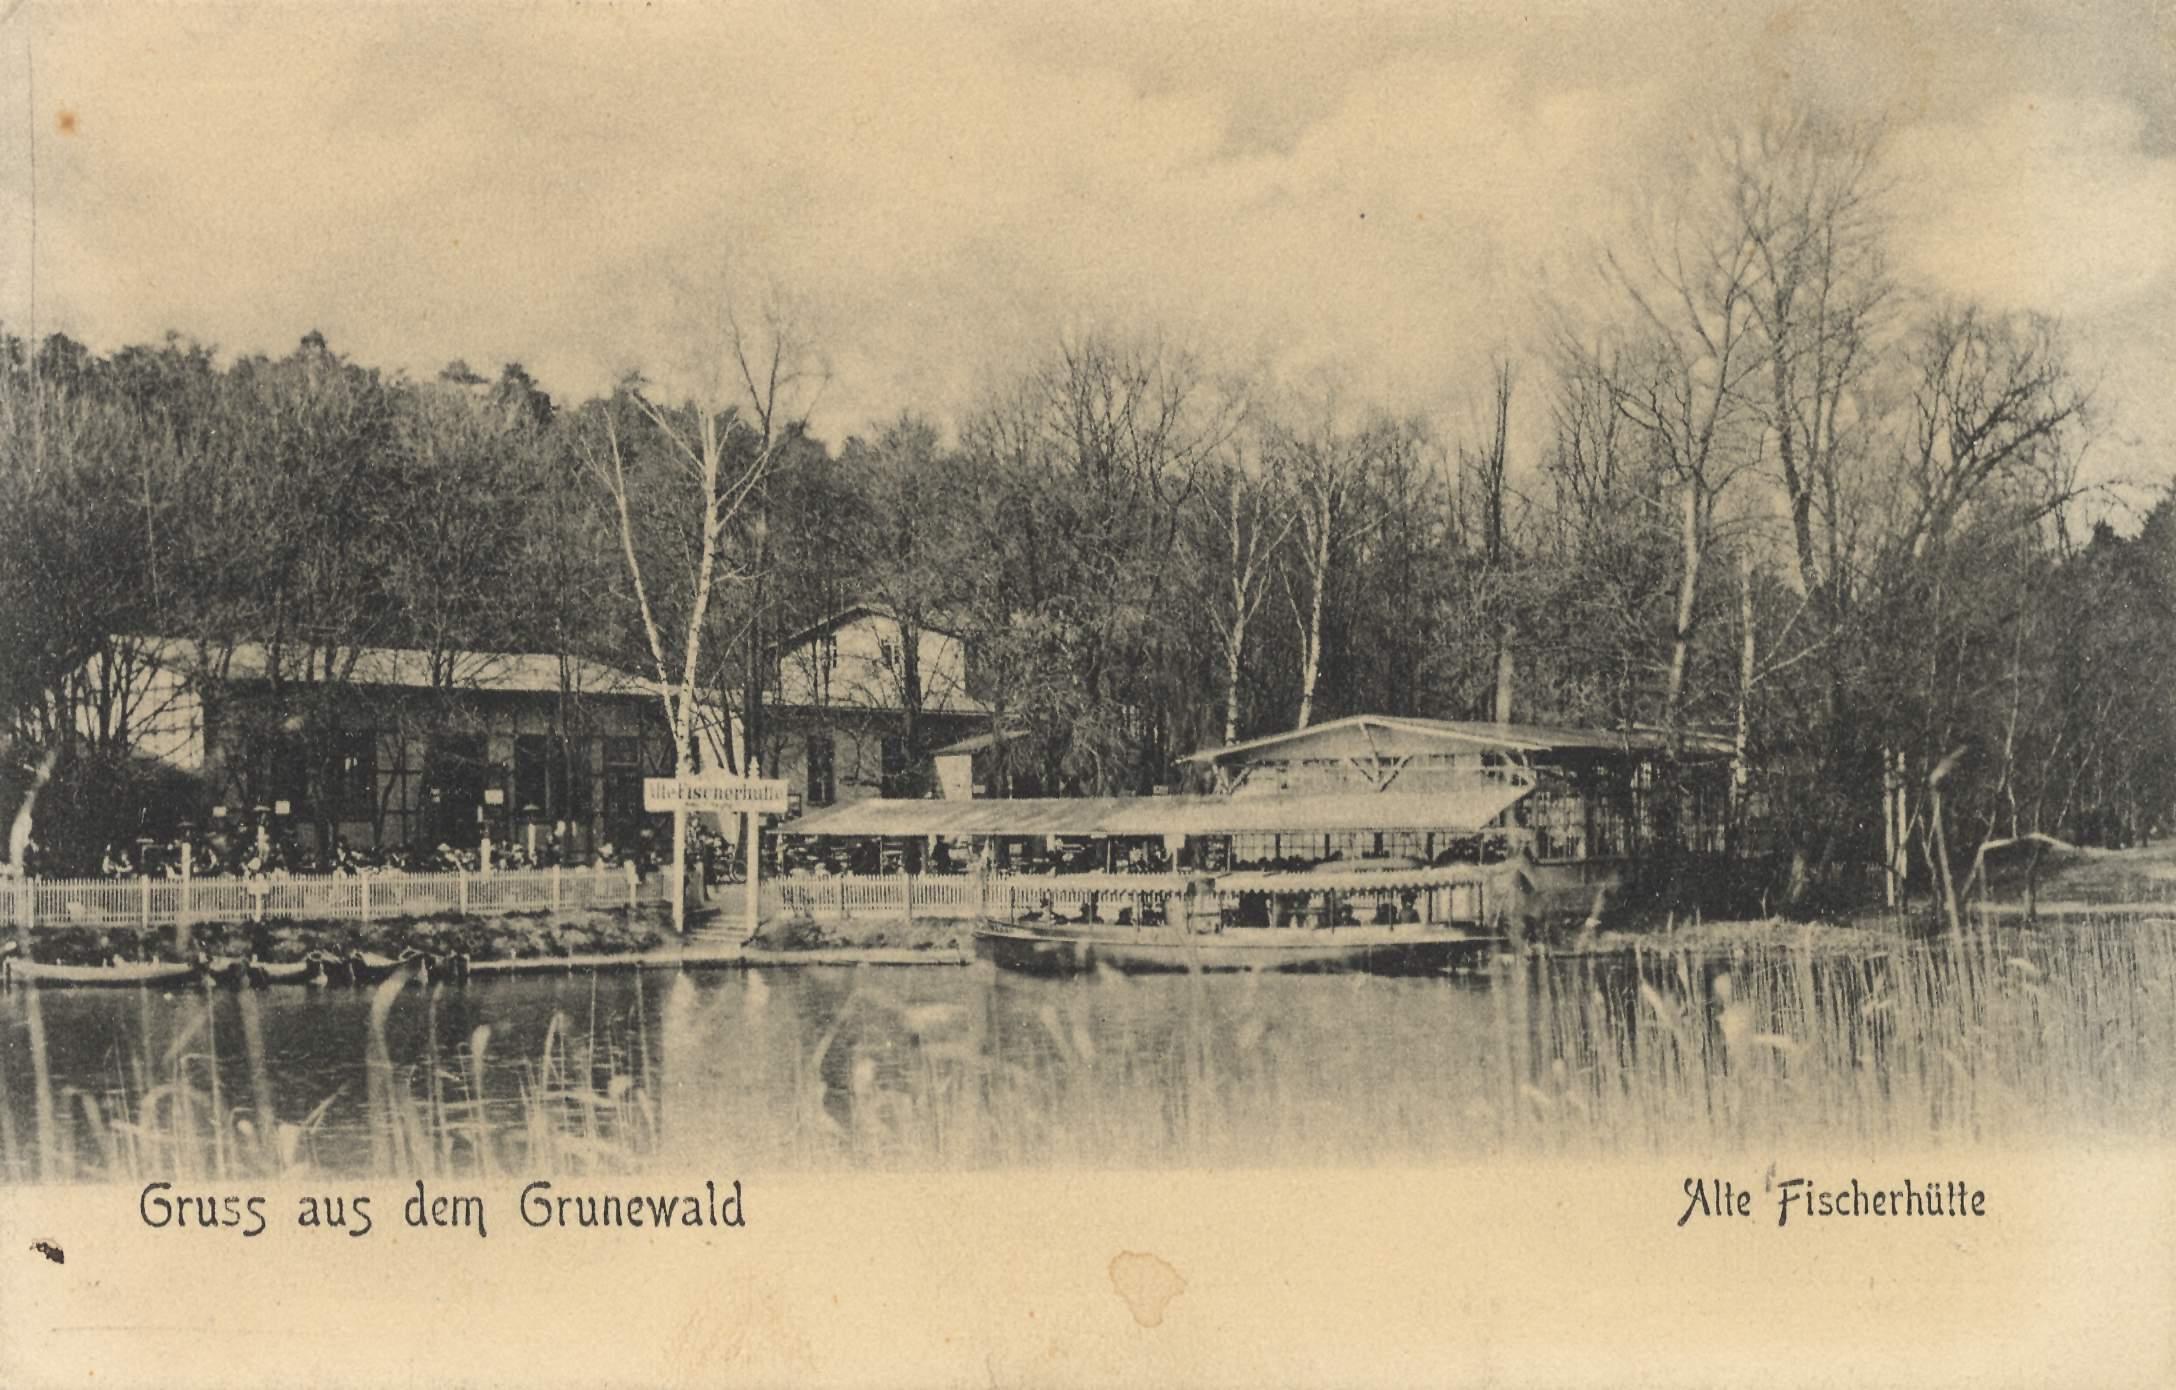 Alte Fischerhütte um 1905 (Quelle: zeno.org)